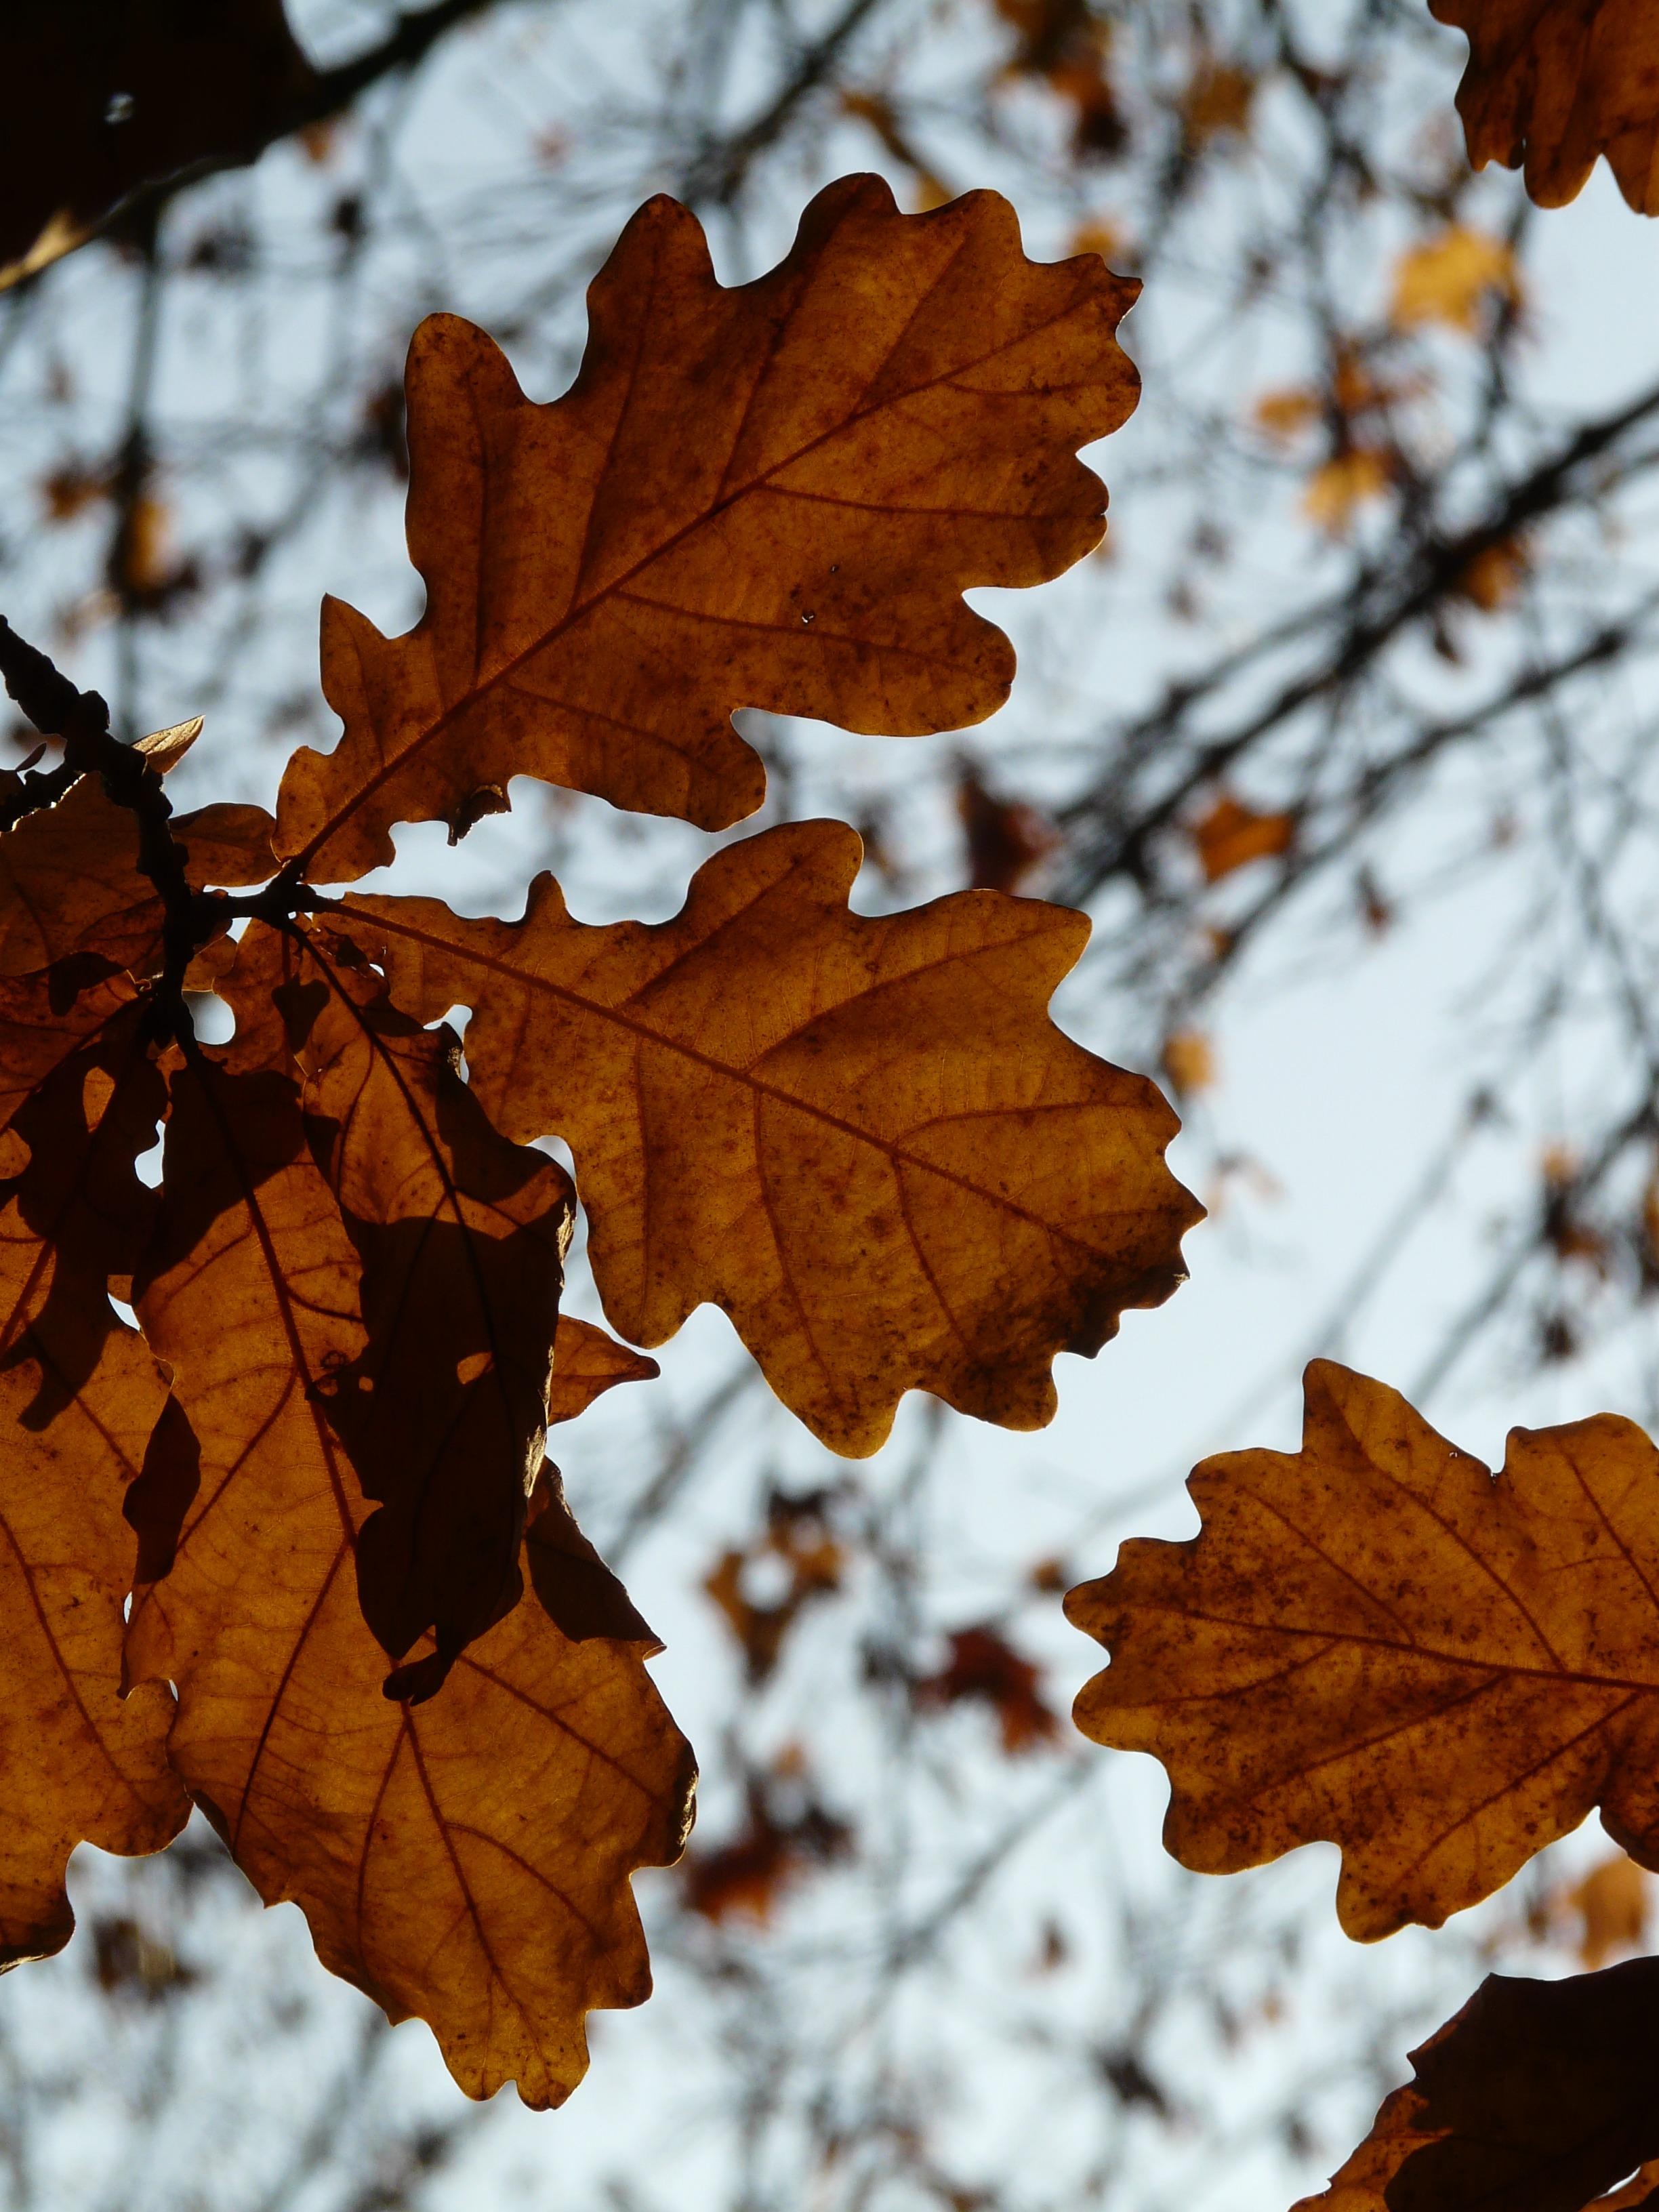 уважаем личное какого цвета листья дуба летом фото все парни любят